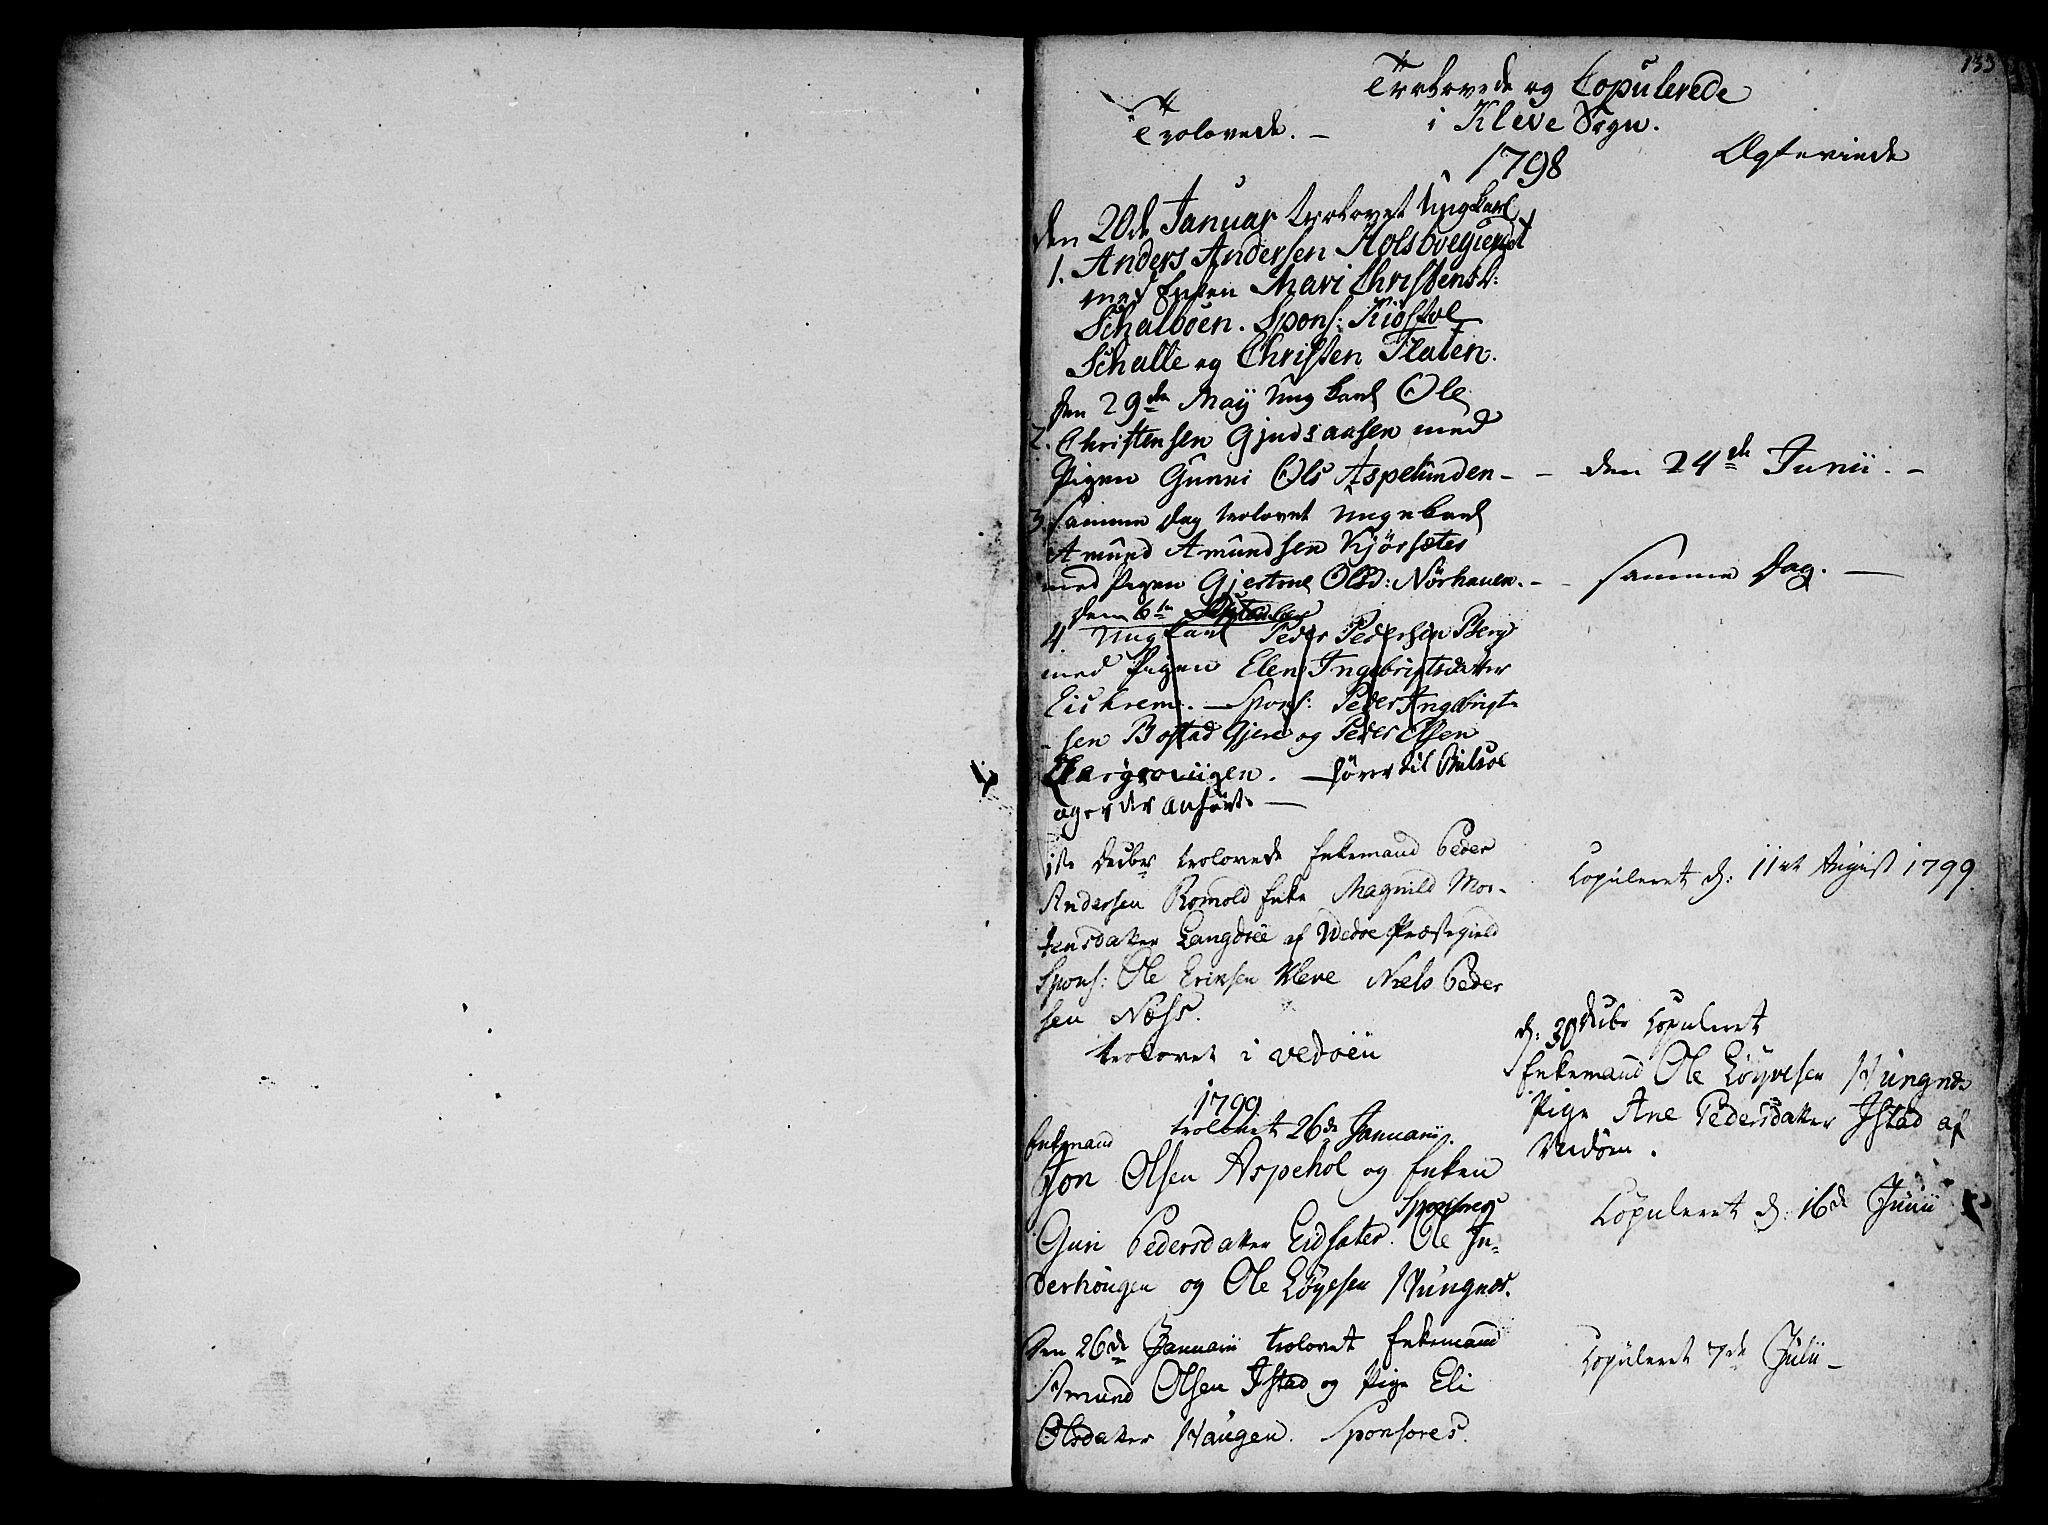 SAT, Ministerialprotokoller, klokkerbøker og fødselsregistre - Møre og Romsdal, 555/L0650: Ministerialbok nr. 555A02 /2, 1798-1821, s. 133